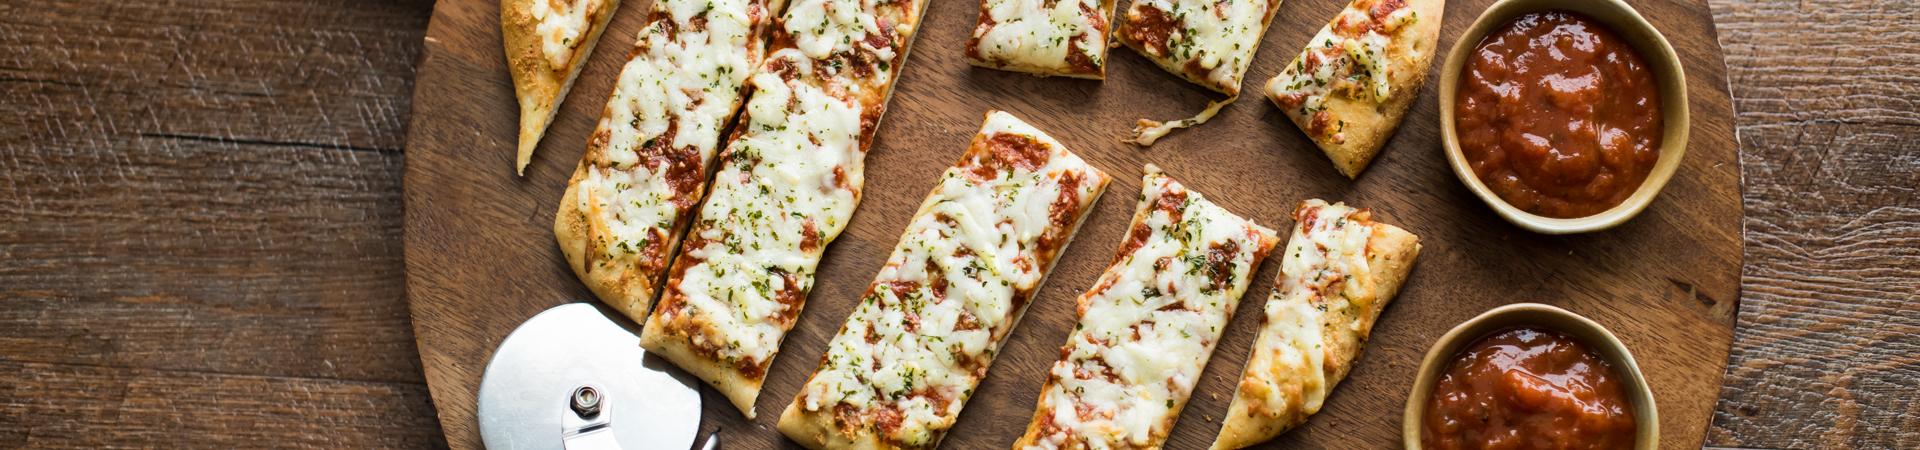 Easy Cheesy Pizza Sticks